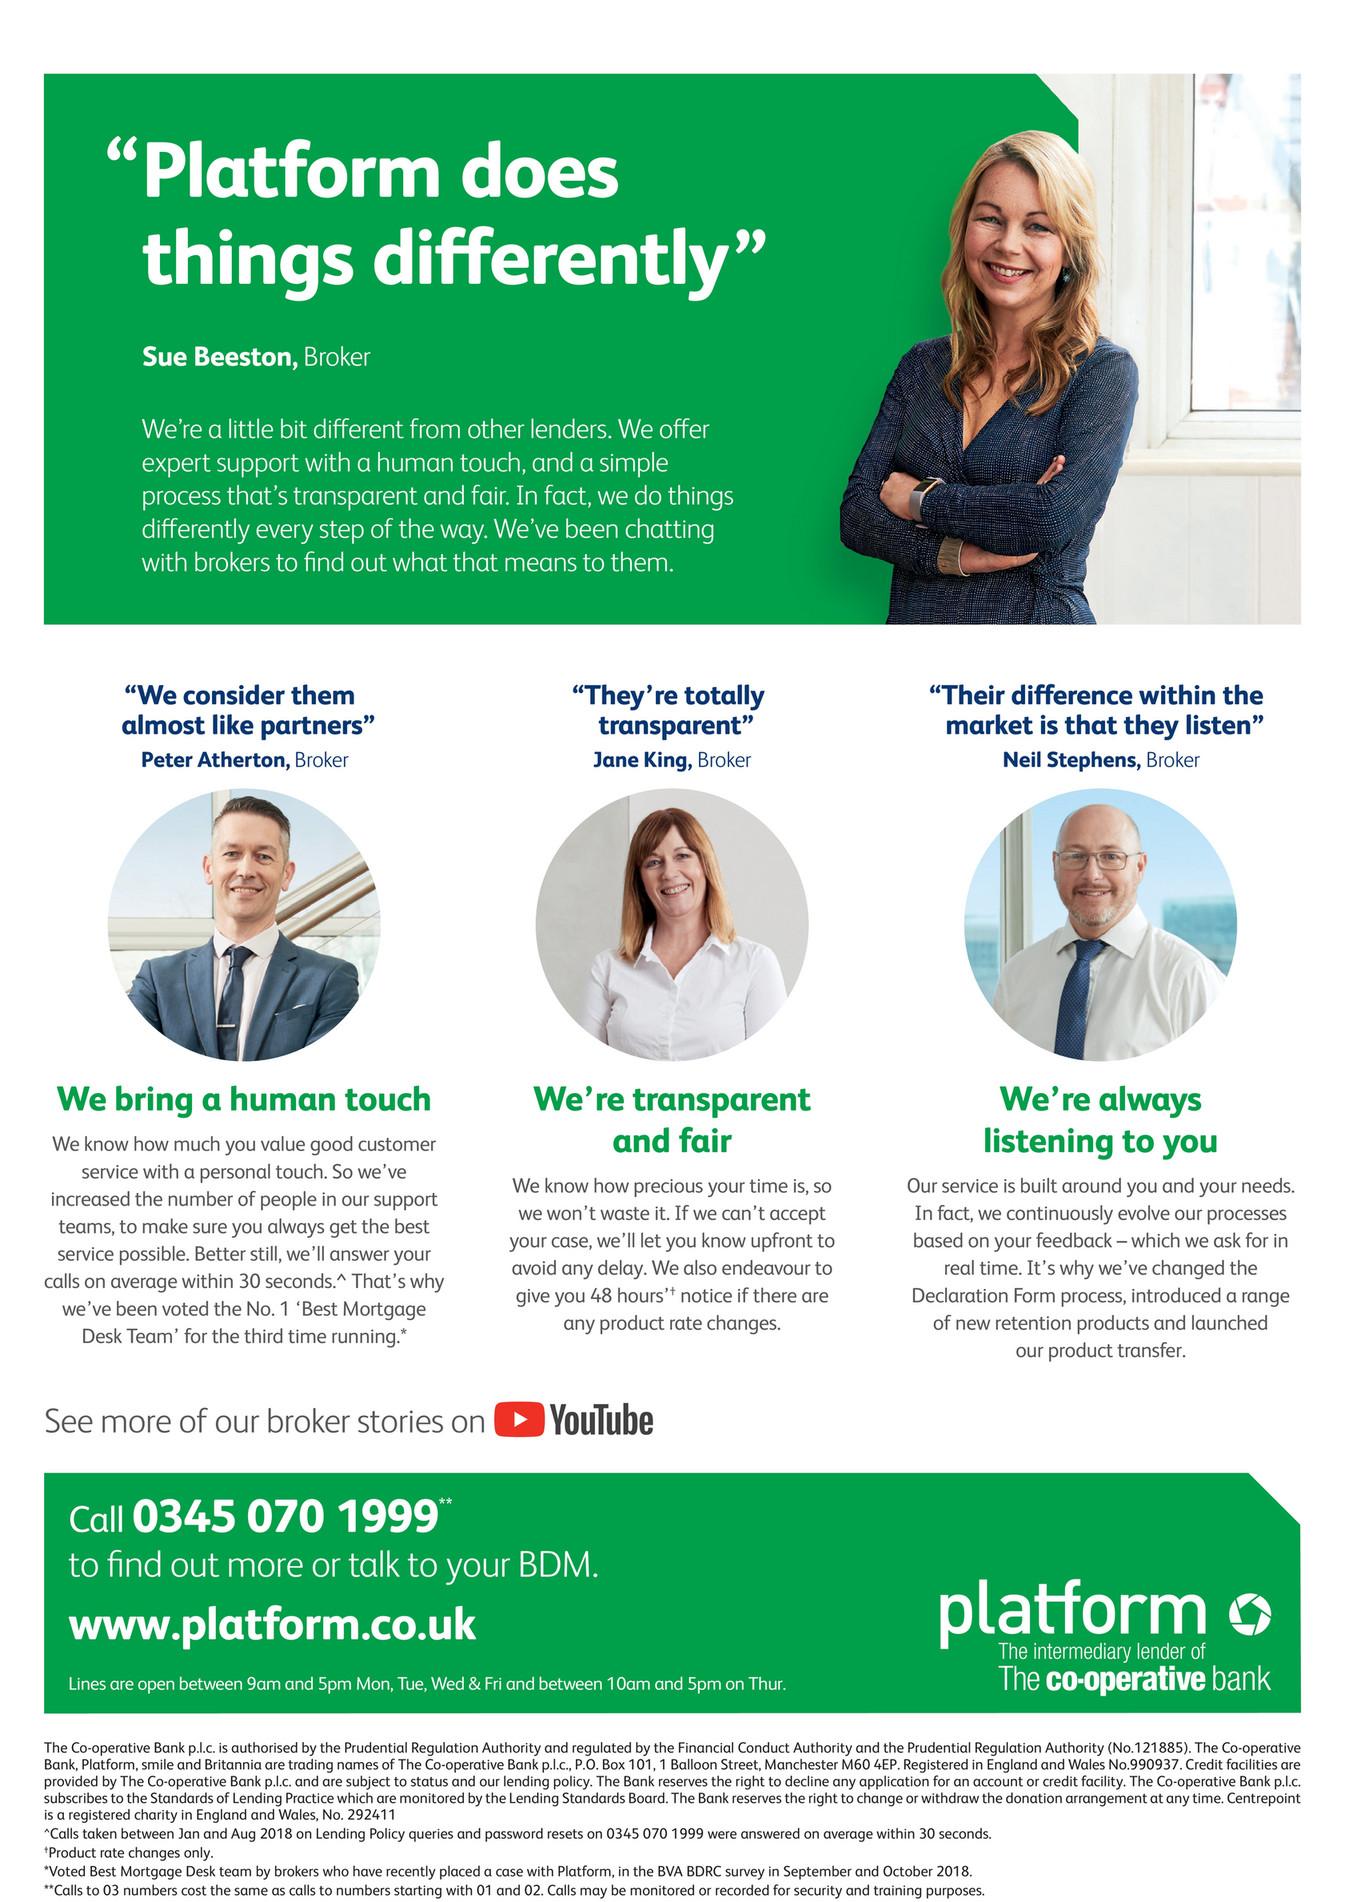 TMA Mortgage Club - Direct Magazine June 2019 - Page 16-17